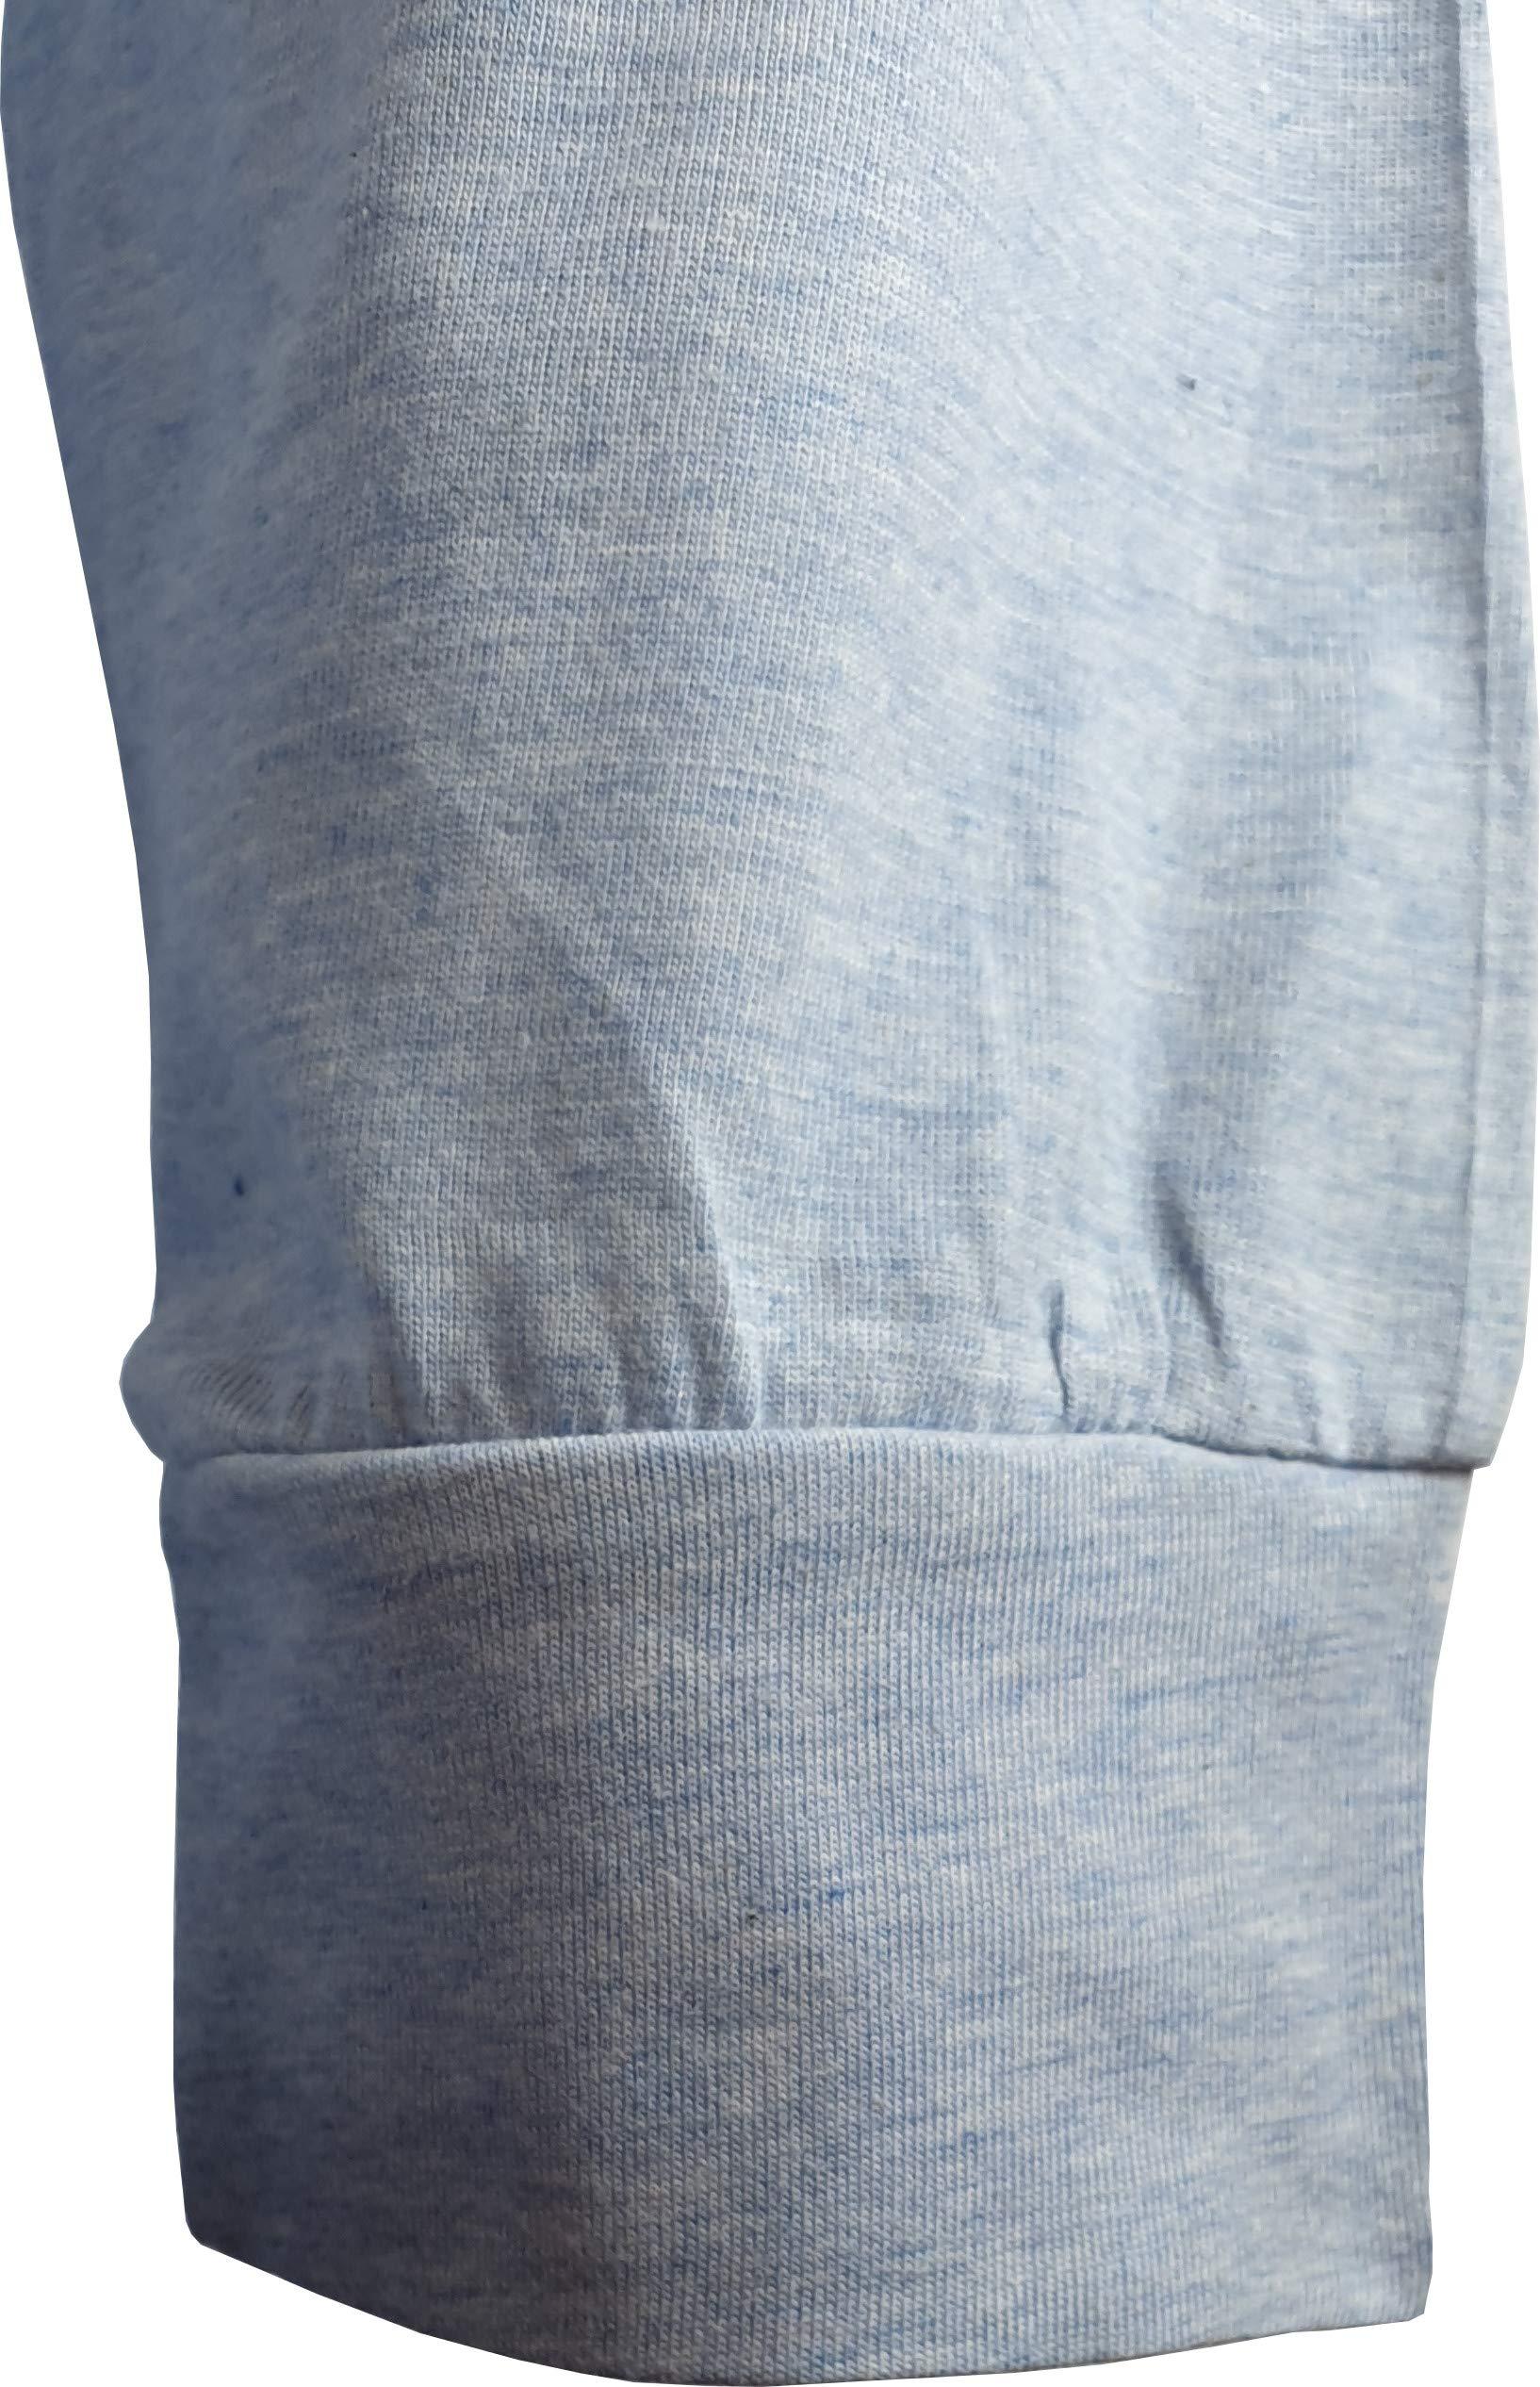 KISENE Superga Pigiama Uomo con Maglia Bicolore e Pantalone in Tinta Unita Logo sul Petto Colore Bianco Melange